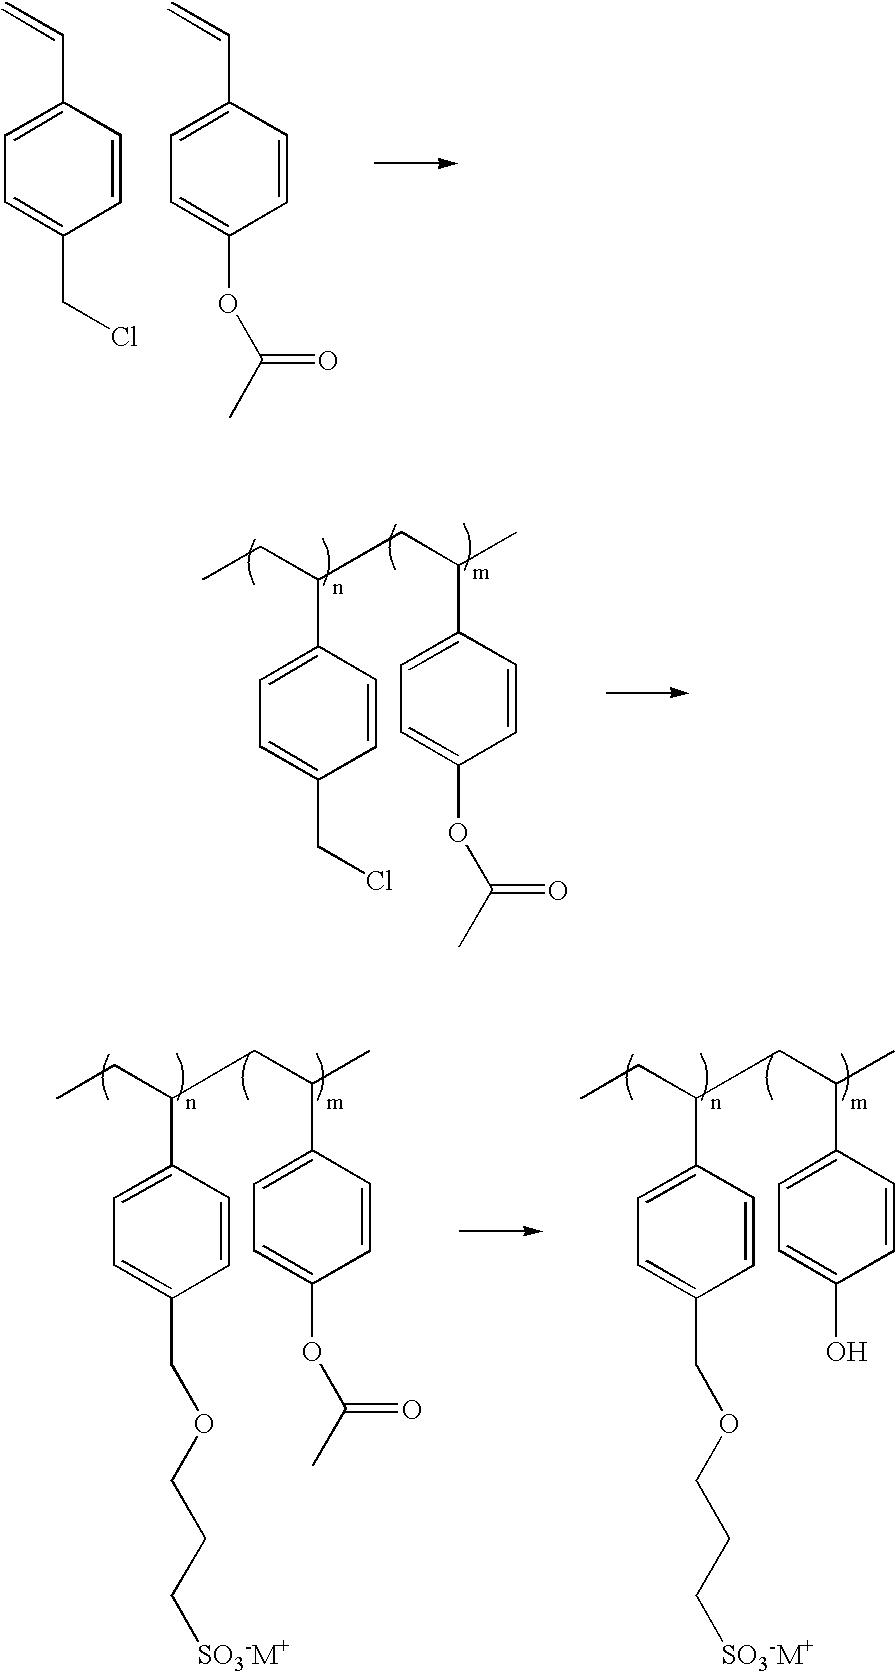 Figure US20060269815A1-20061130-C00015